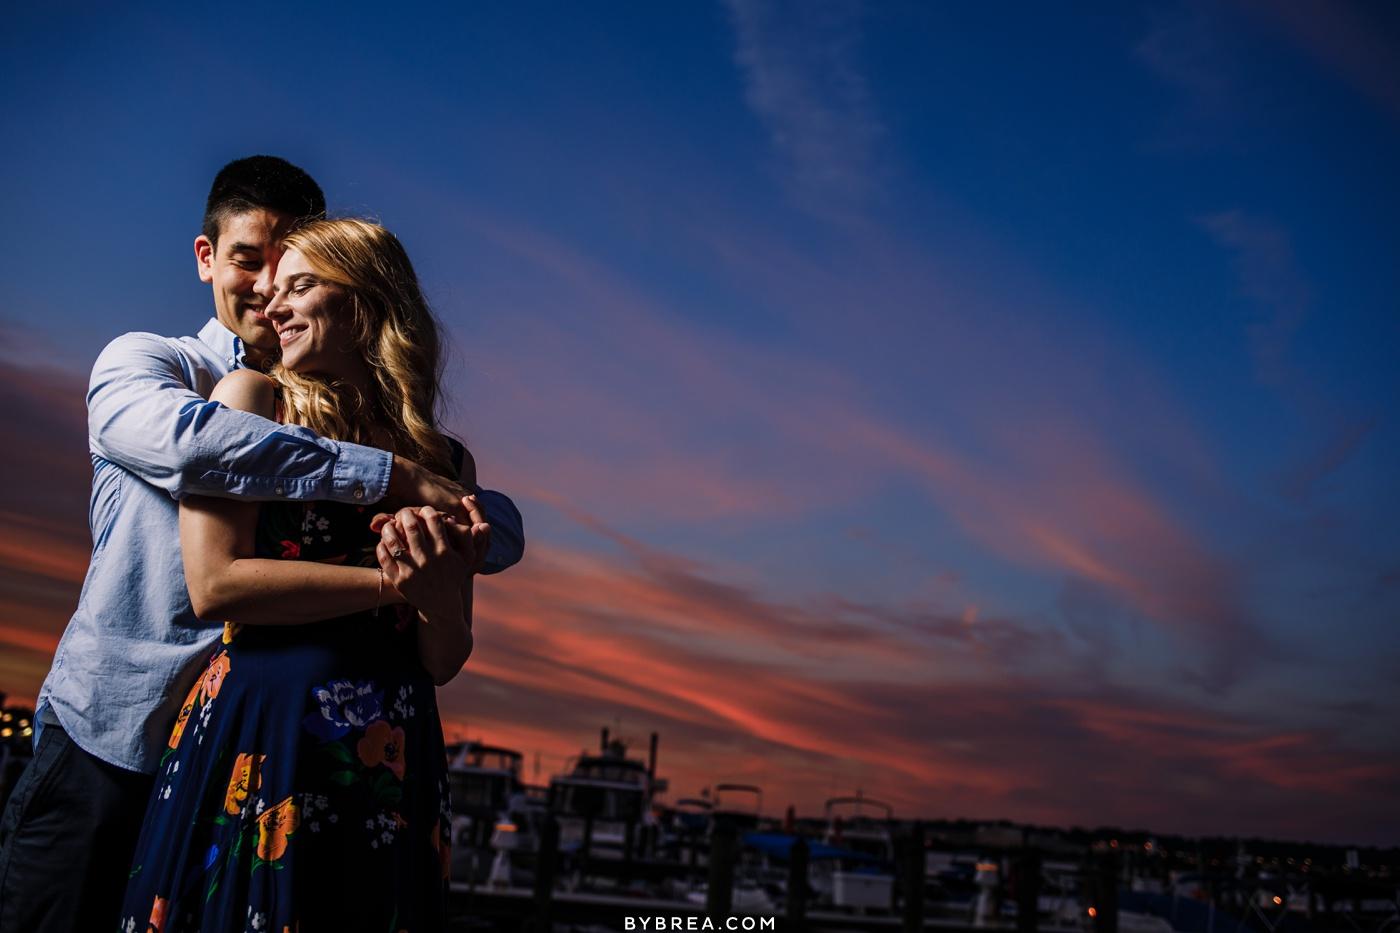 Engagement photo of couple during sunset Washington D.C.